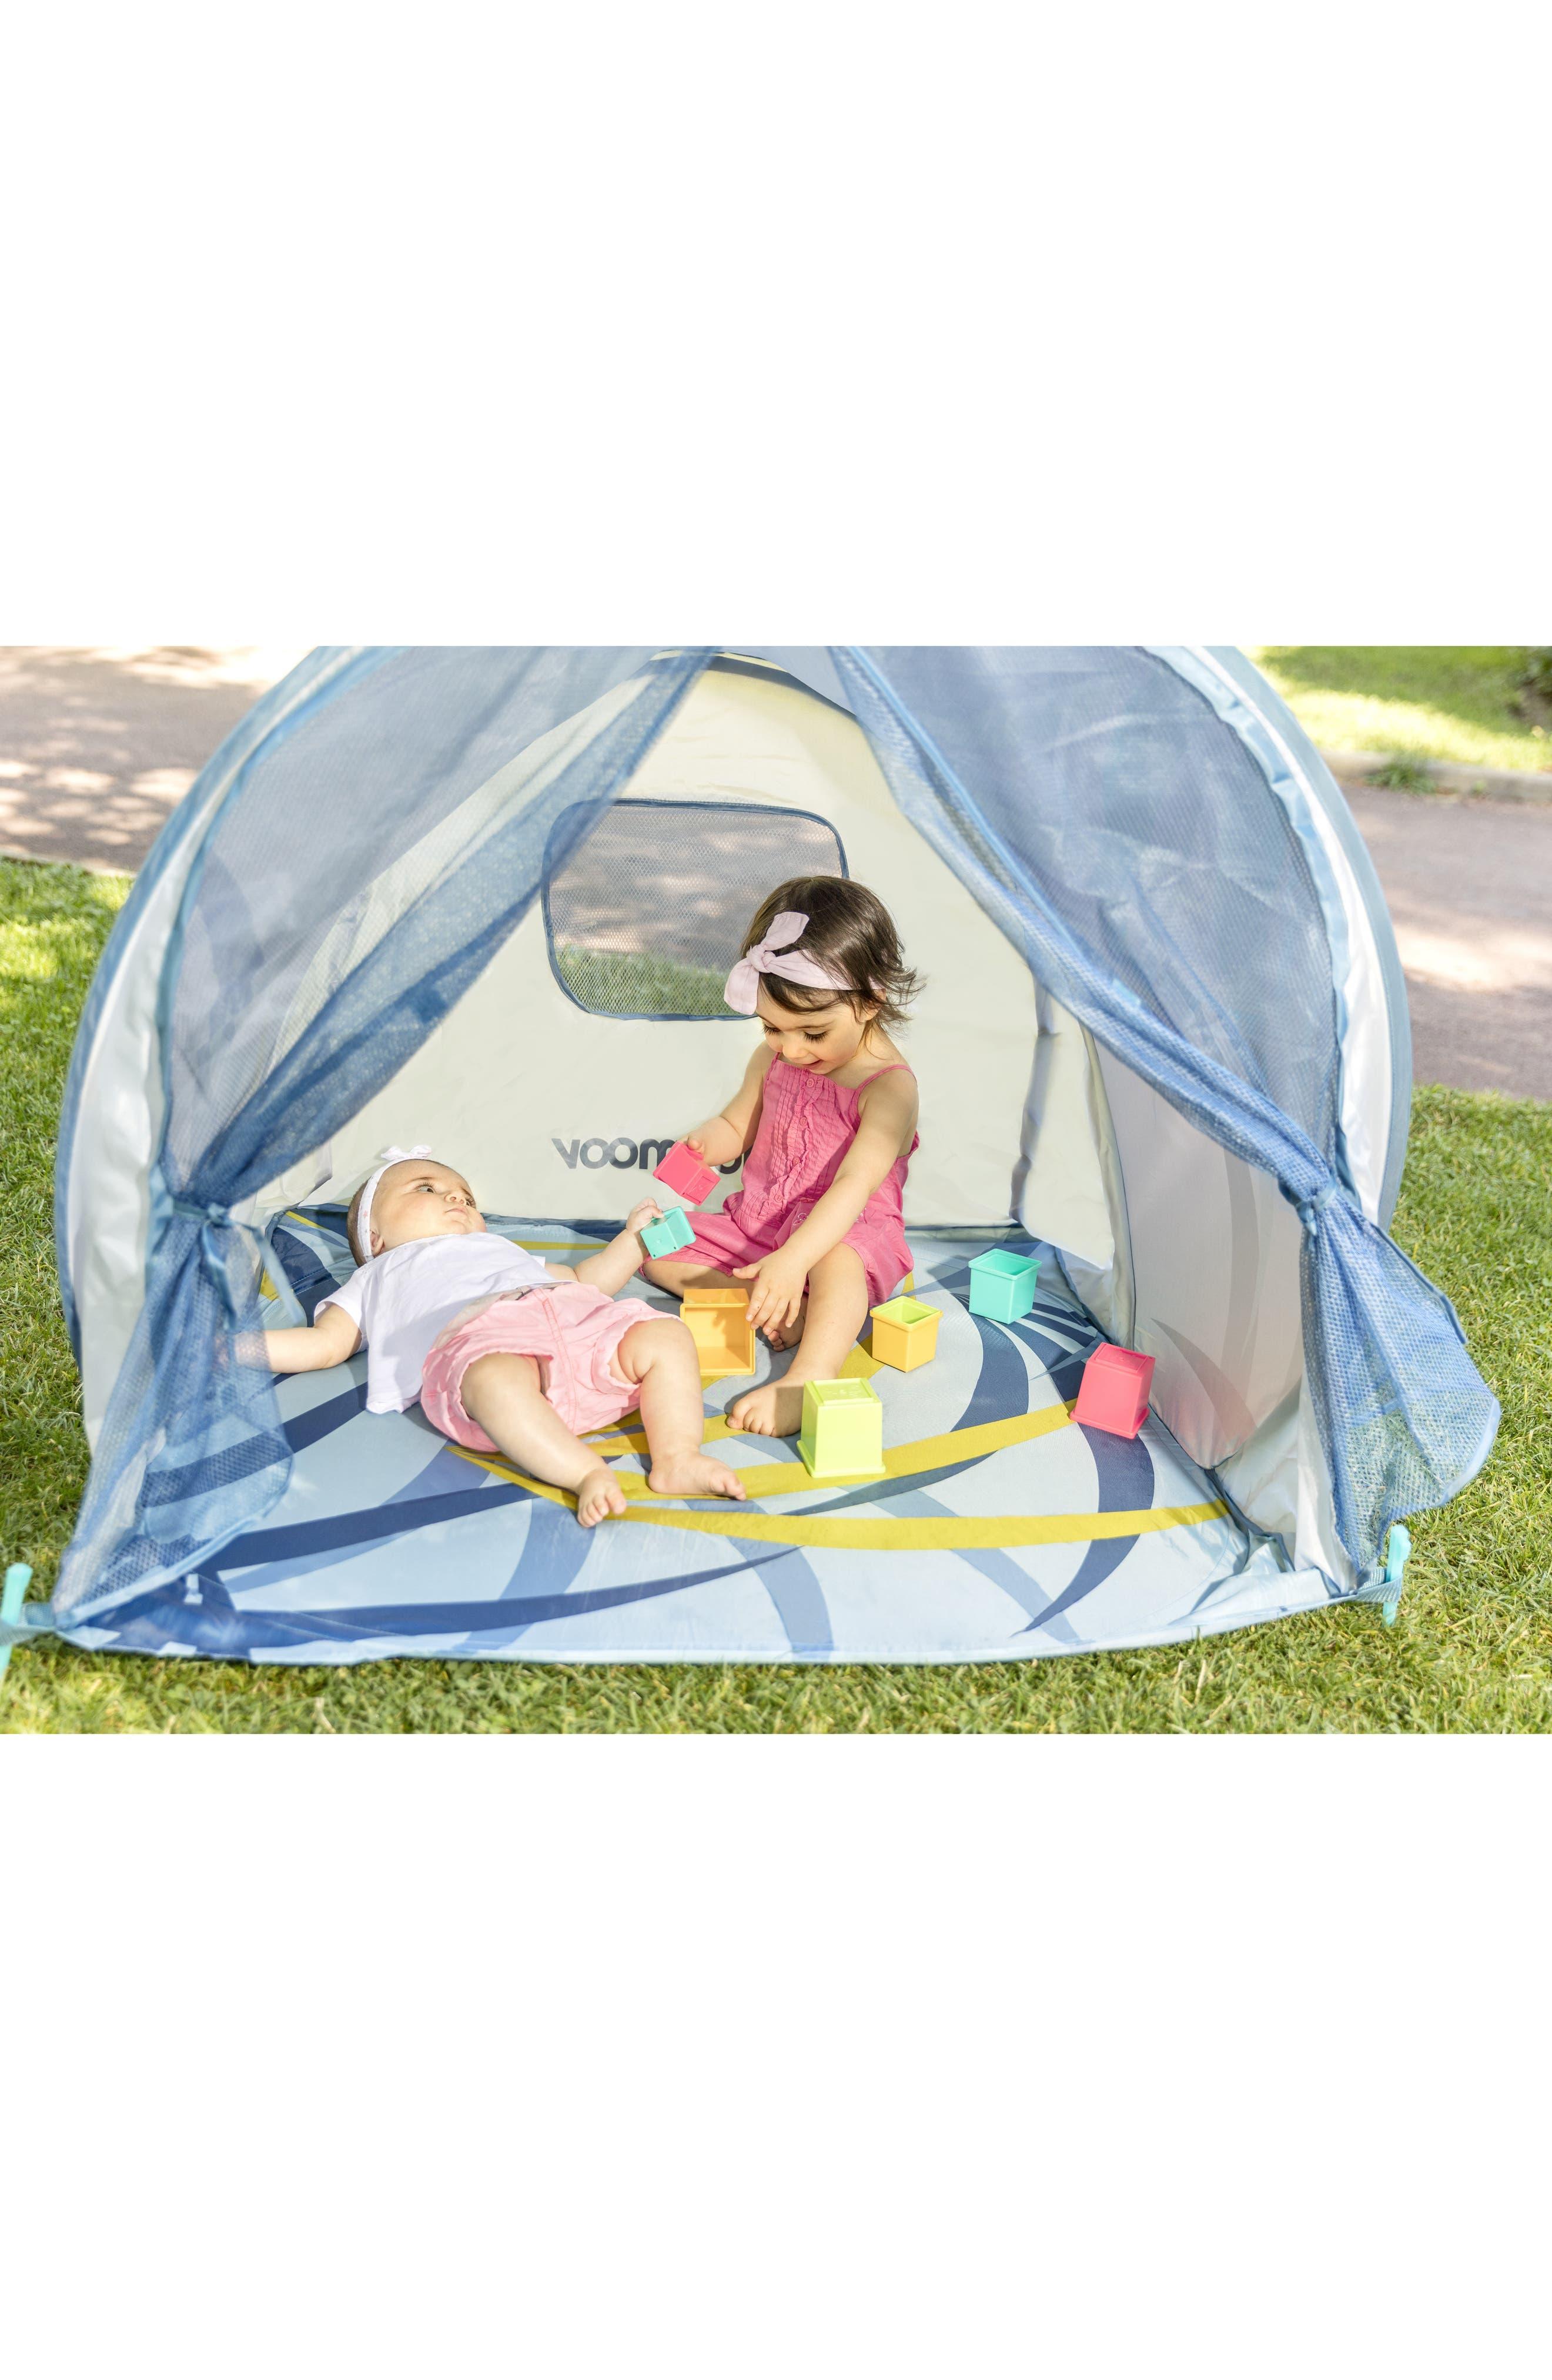 Anti-UV Tent,                             Alternate thumbnail 2, color,                             GREY BLUE